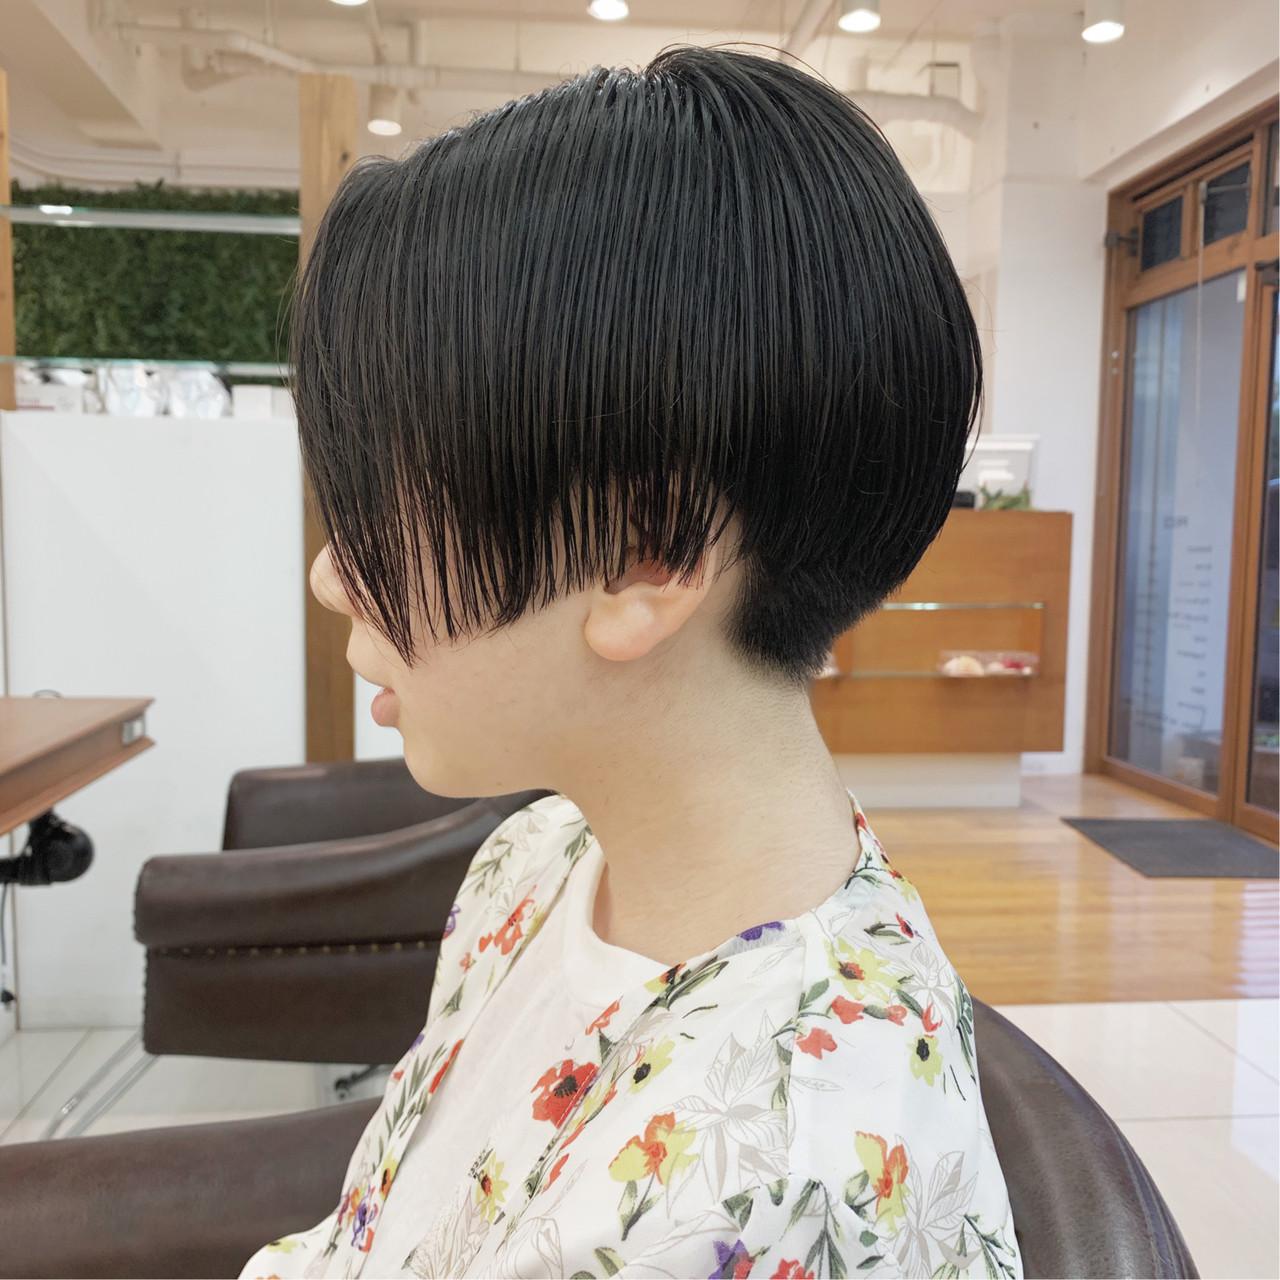 ナチュラル ショート ショートヘア 可愛い ヘアスタイルや髪型の写真・画像 | 【つくば美容師】ショートヘア愛好家/矢崎 翔太 / ジールサロン